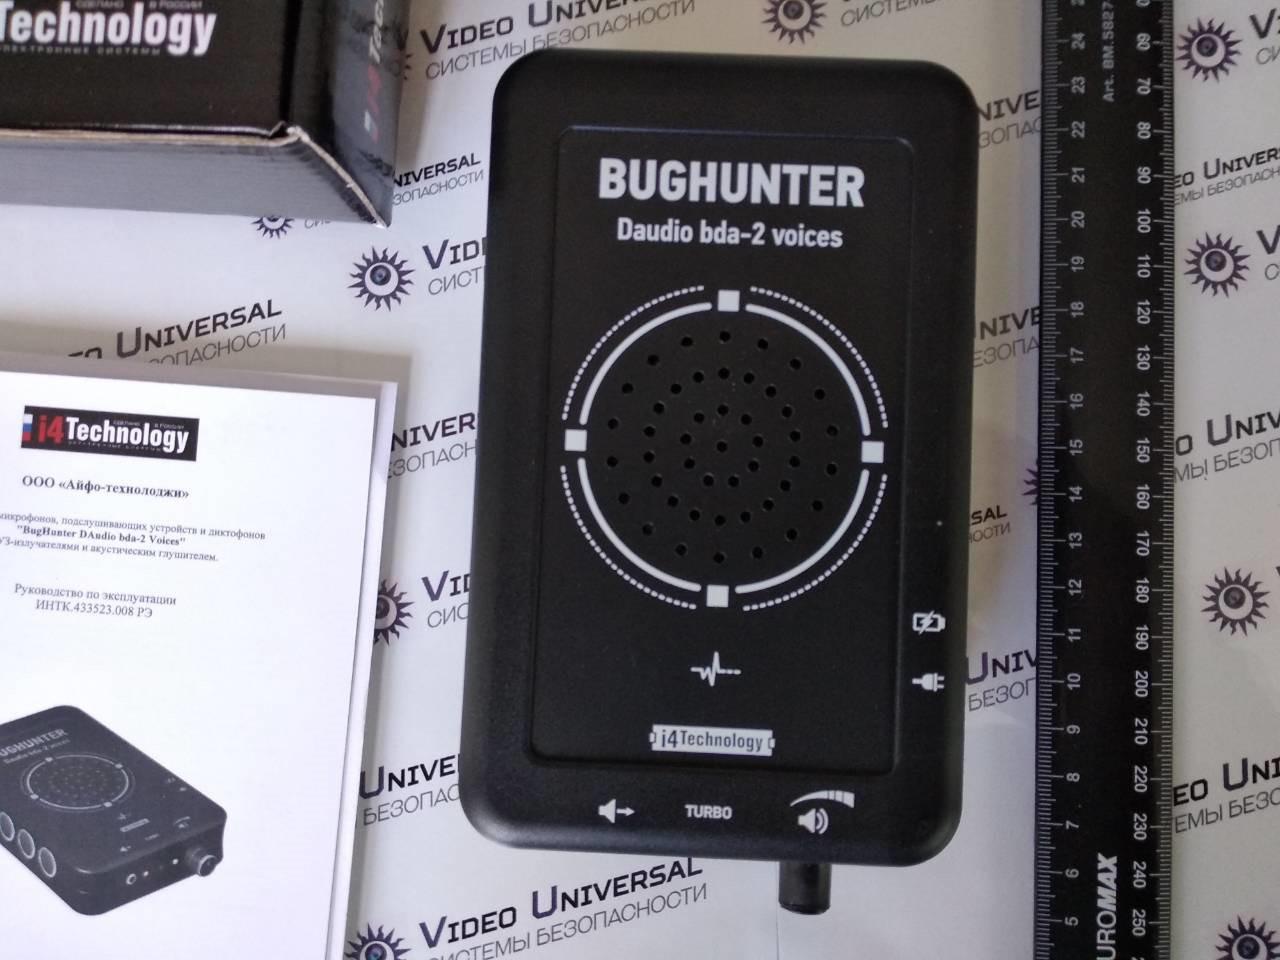 Подавитель диктофонов, подслушивающих устройств и диктофонов BugHunter DAudio bda-2 Voices